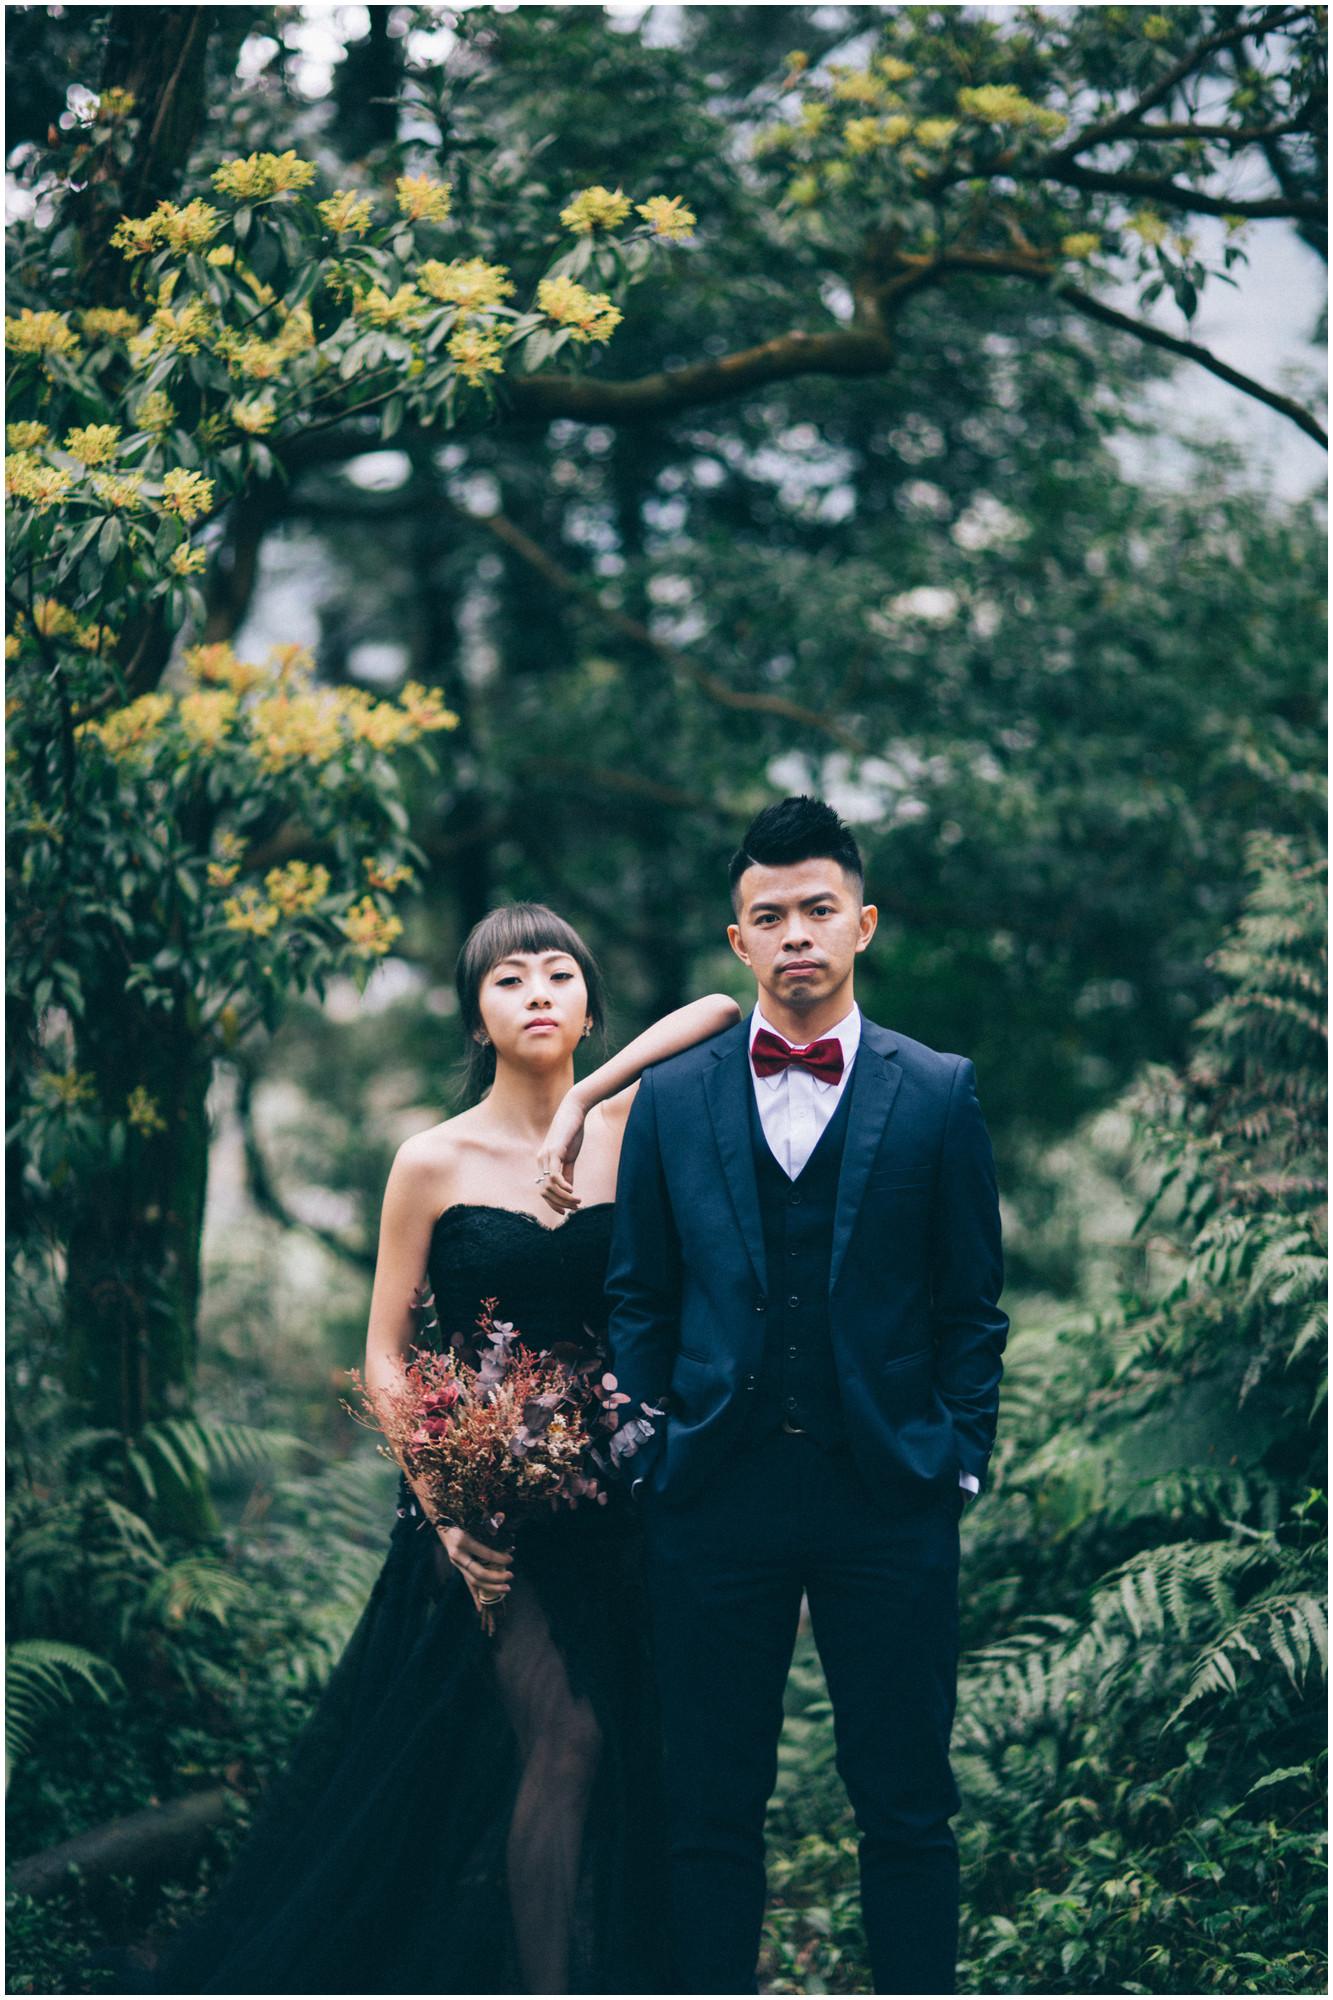 黑森林 / 冷水坑 / 花卉試驗中心 / 自然系婚紗 / 素人婚紗